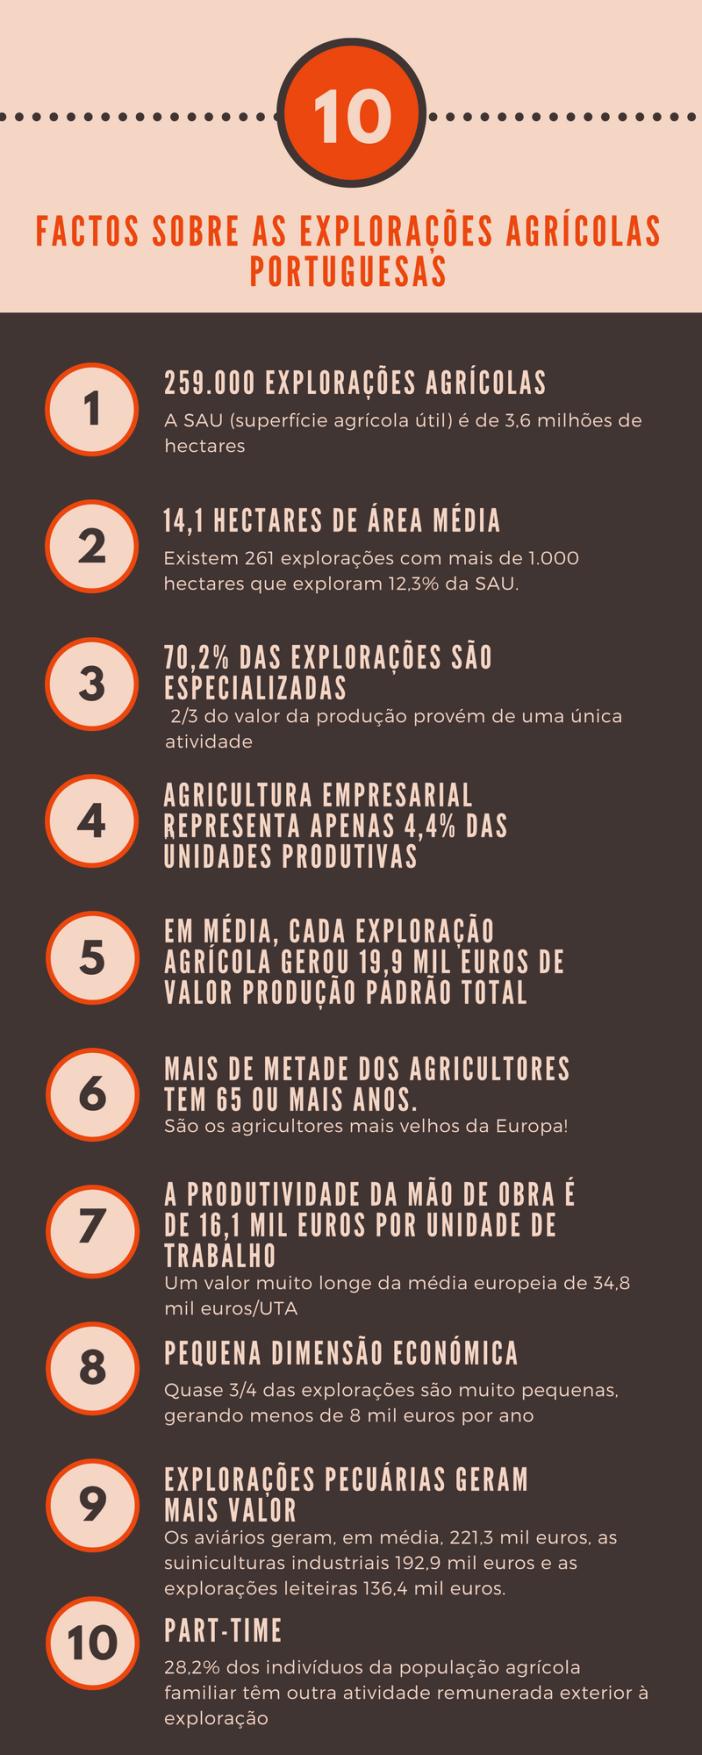 10 factos sobre as explorações agrícolas